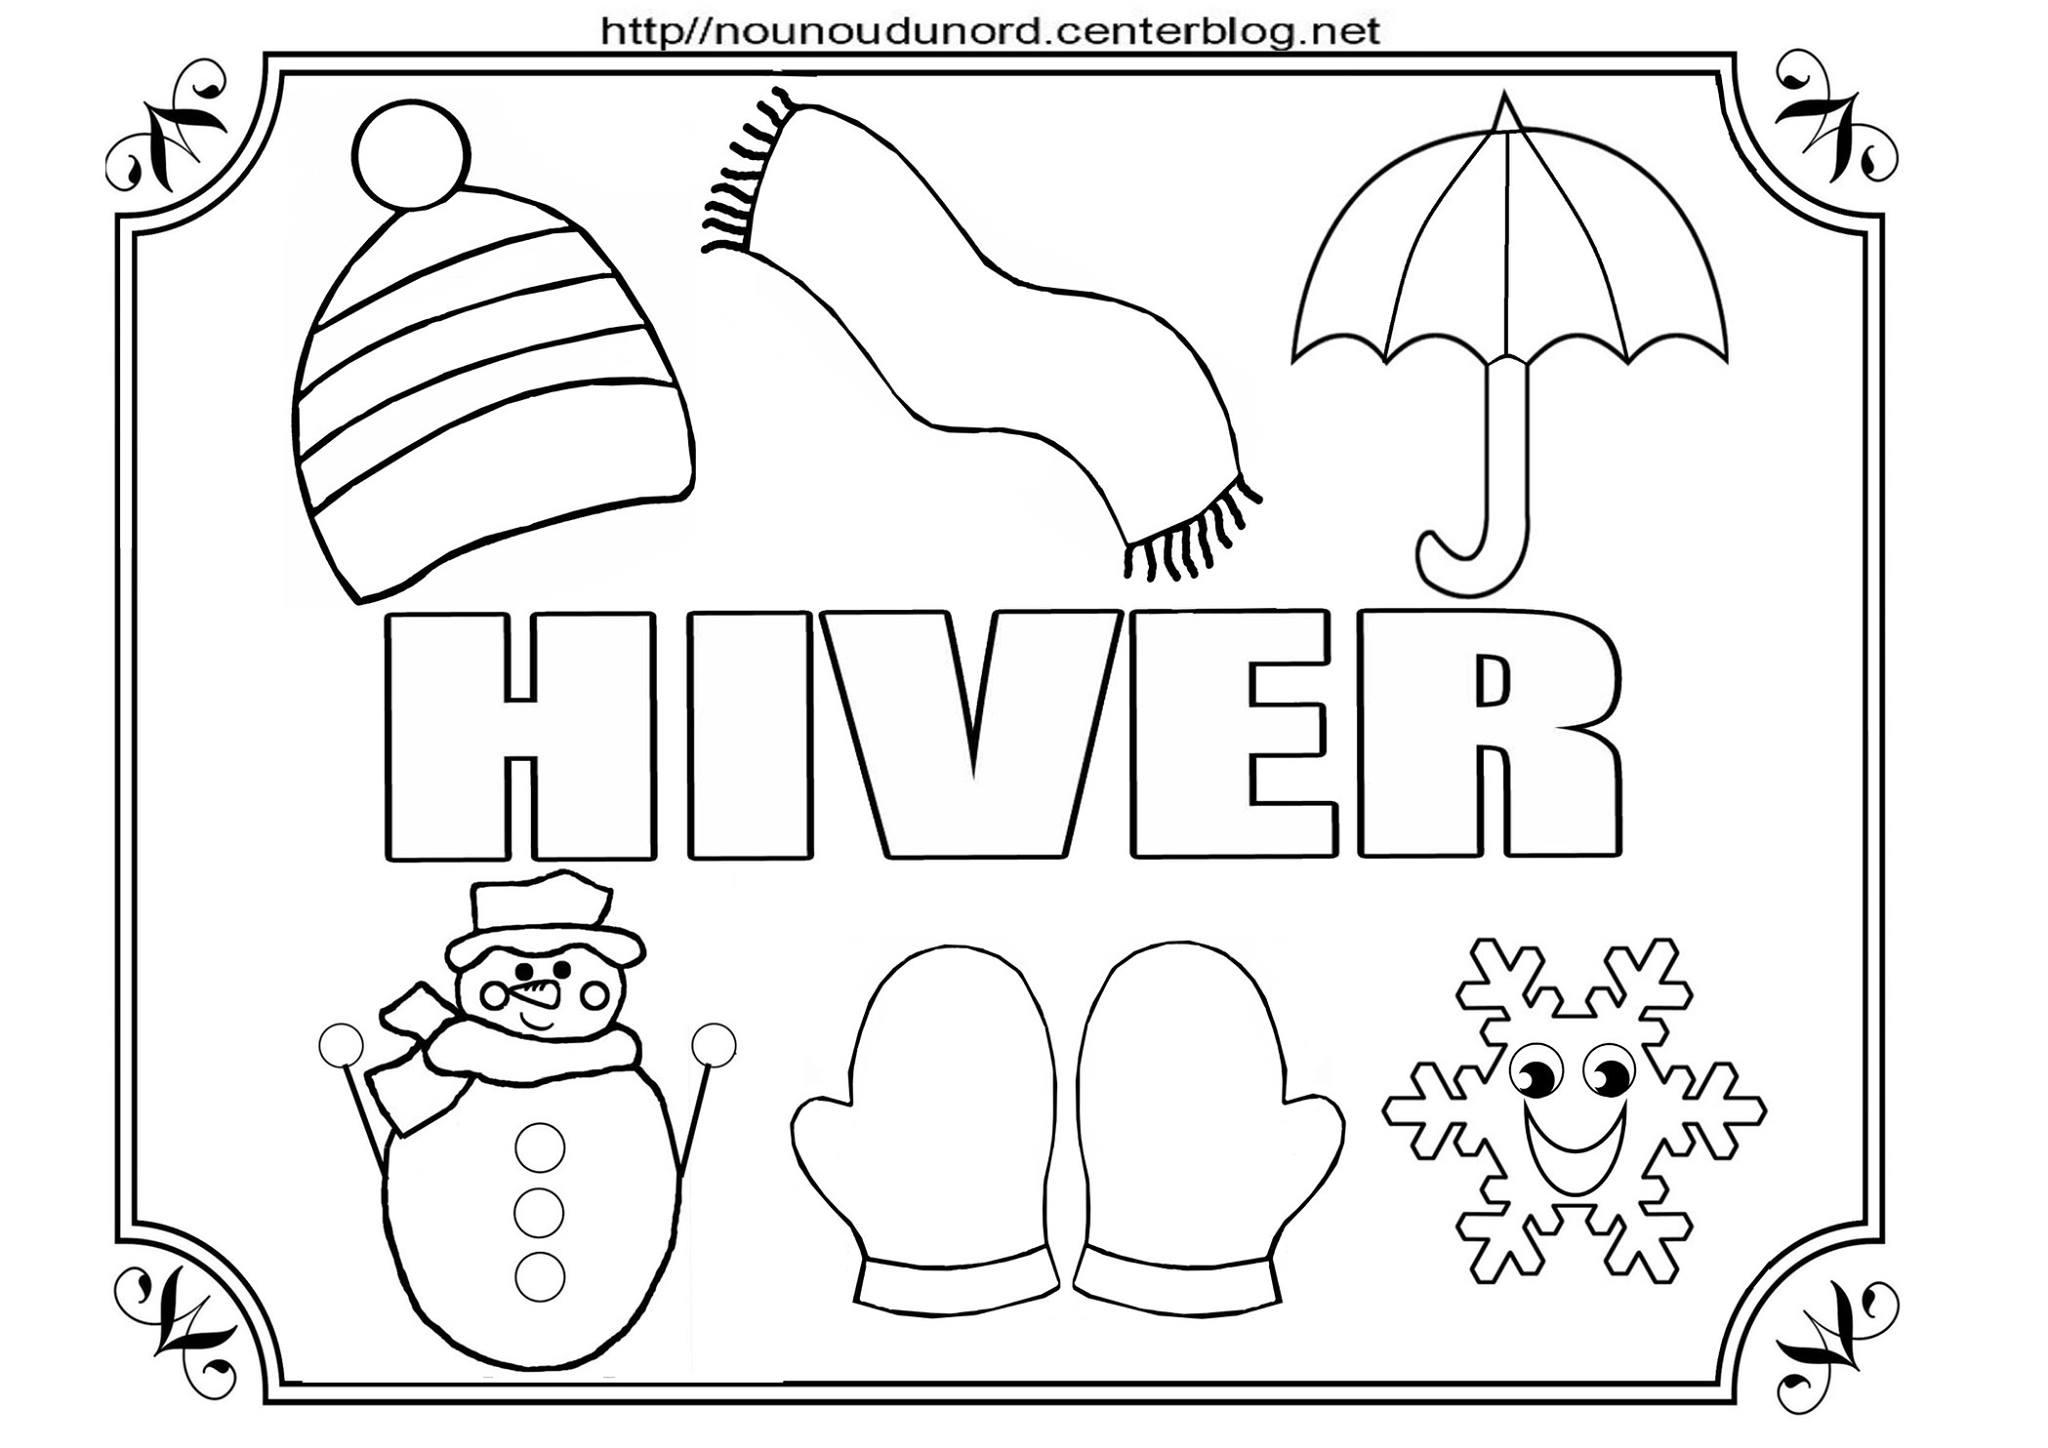 Coloriages Hiver - Assistante Maternelle Argenteuil - Orgemont concernant Coloriage Hiver Maternelle